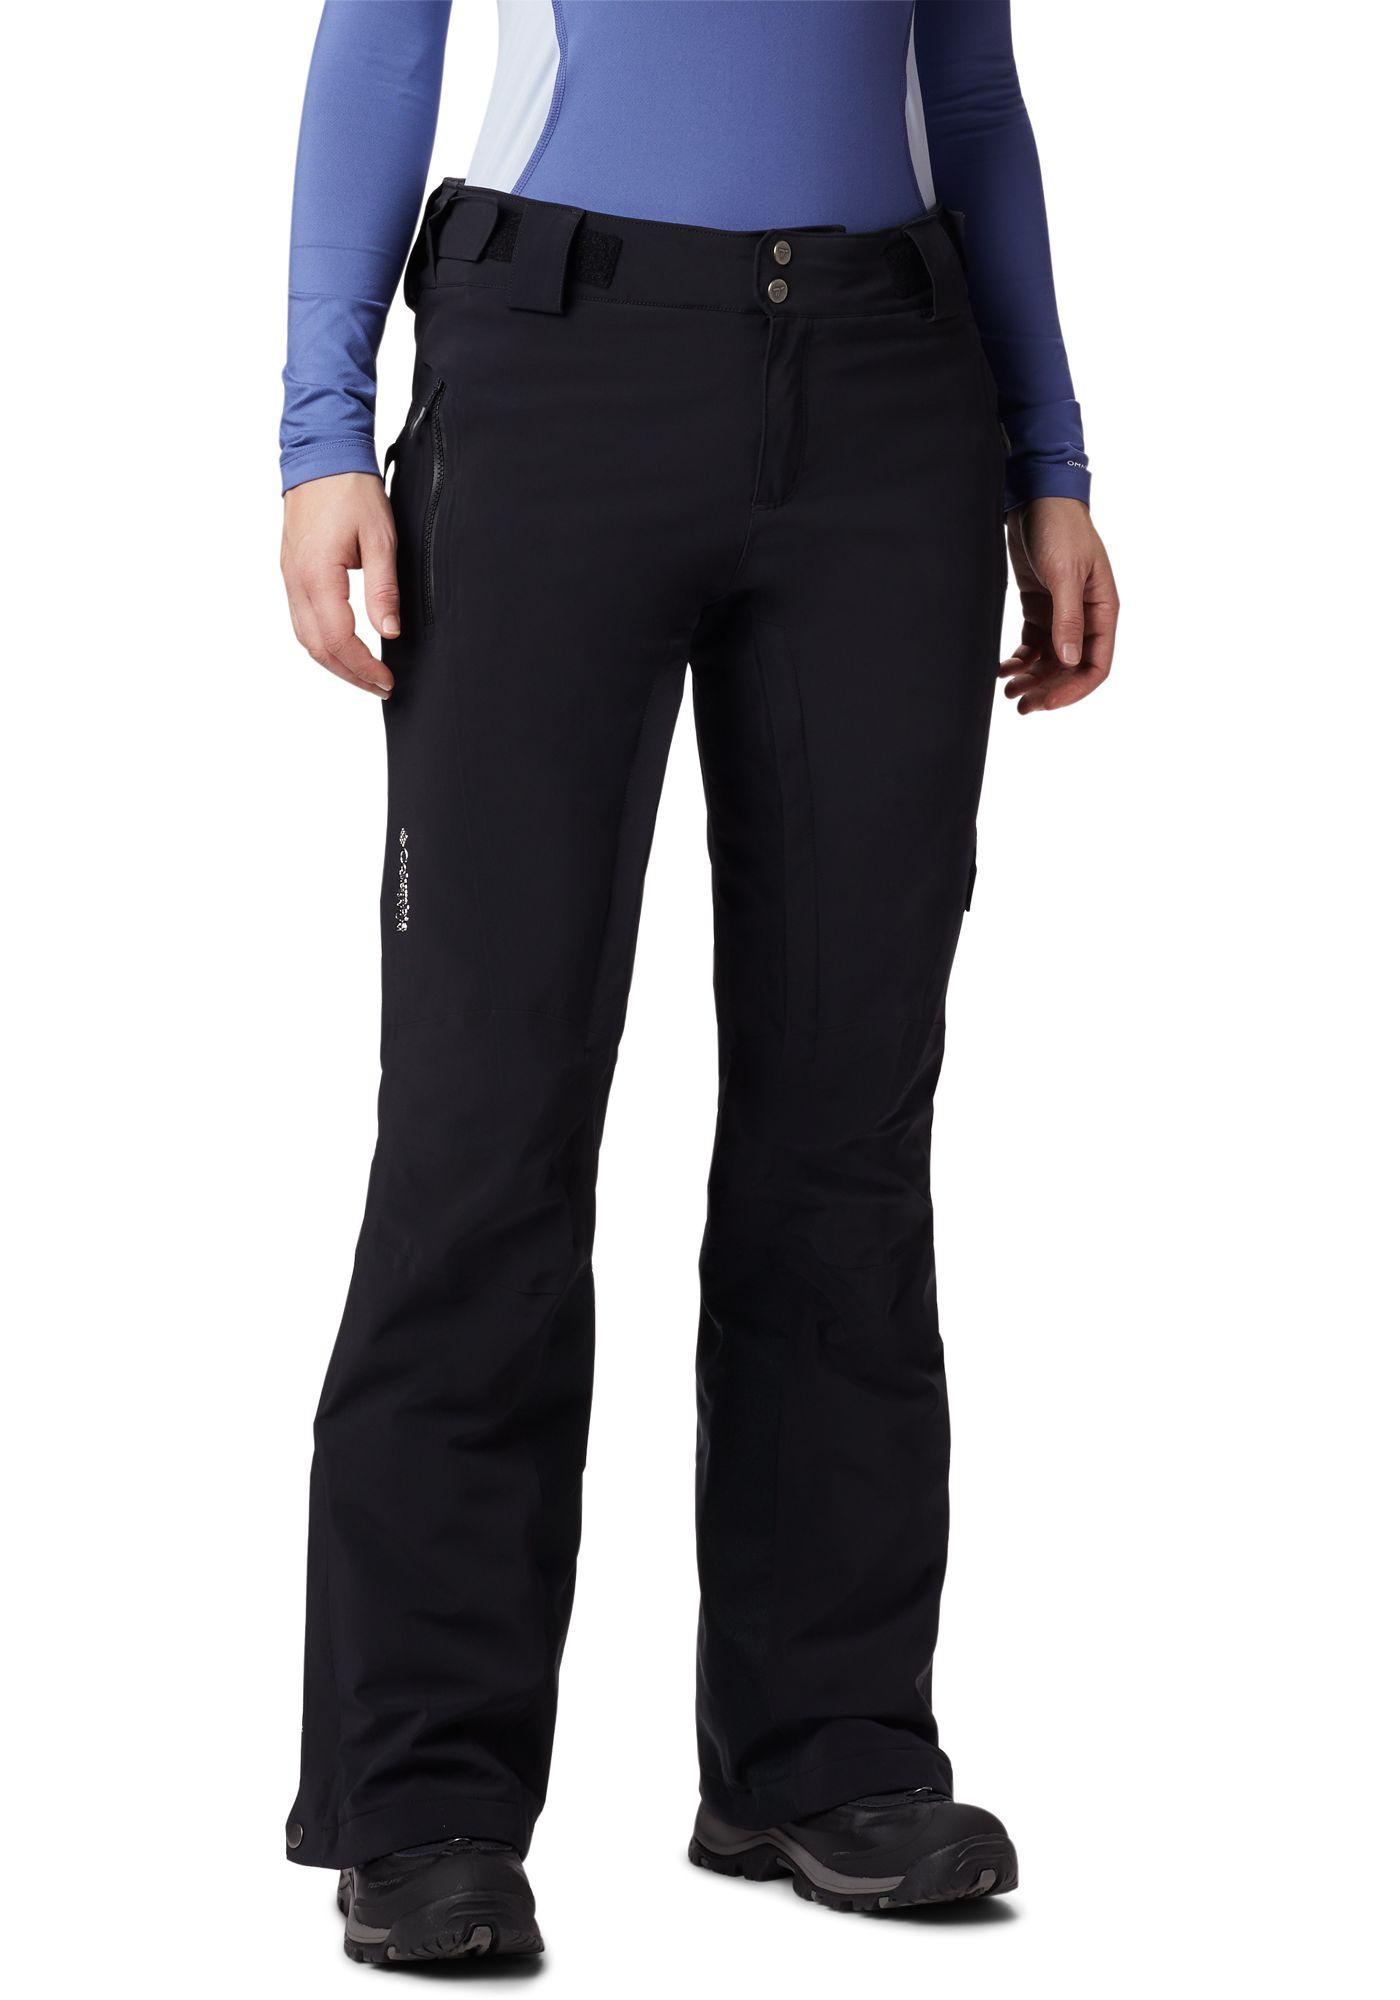 Columbia Women's Powder Keg II Snow Pants